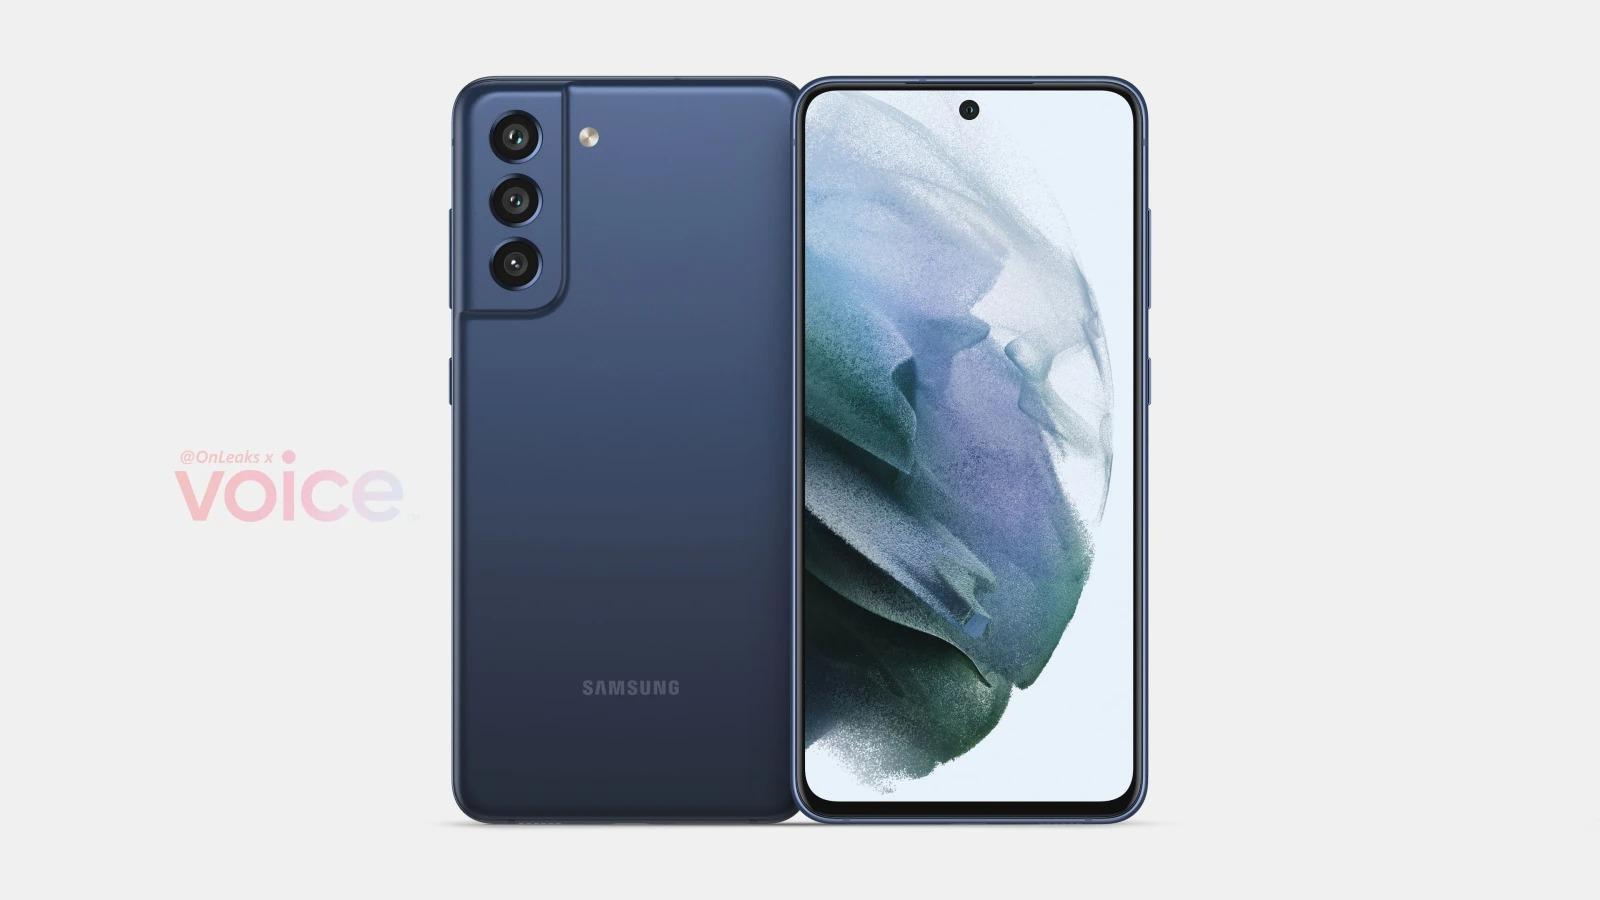 Samsung tiếp tục tung ra phiên bản giá rẻ dànhg cho Fan của Galaxy S21. Ảnh. Voice